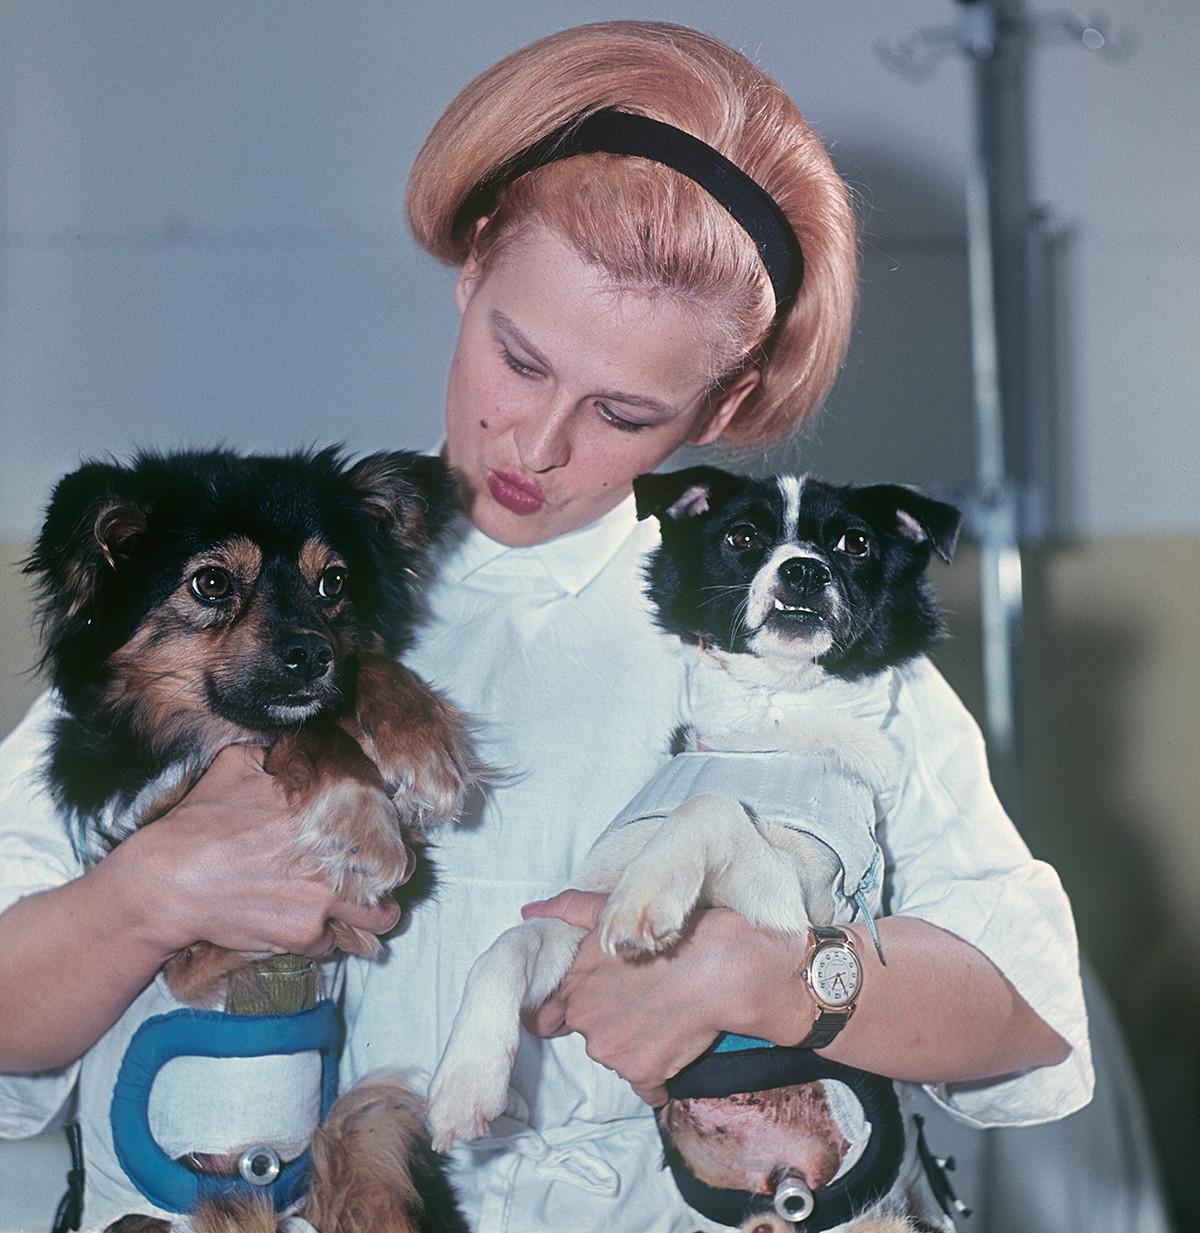 В ръцете на лаборанта Ирина, кучетата Ветерок (вдясно) и Уголок, които са направили космическо пътуване на биосателита